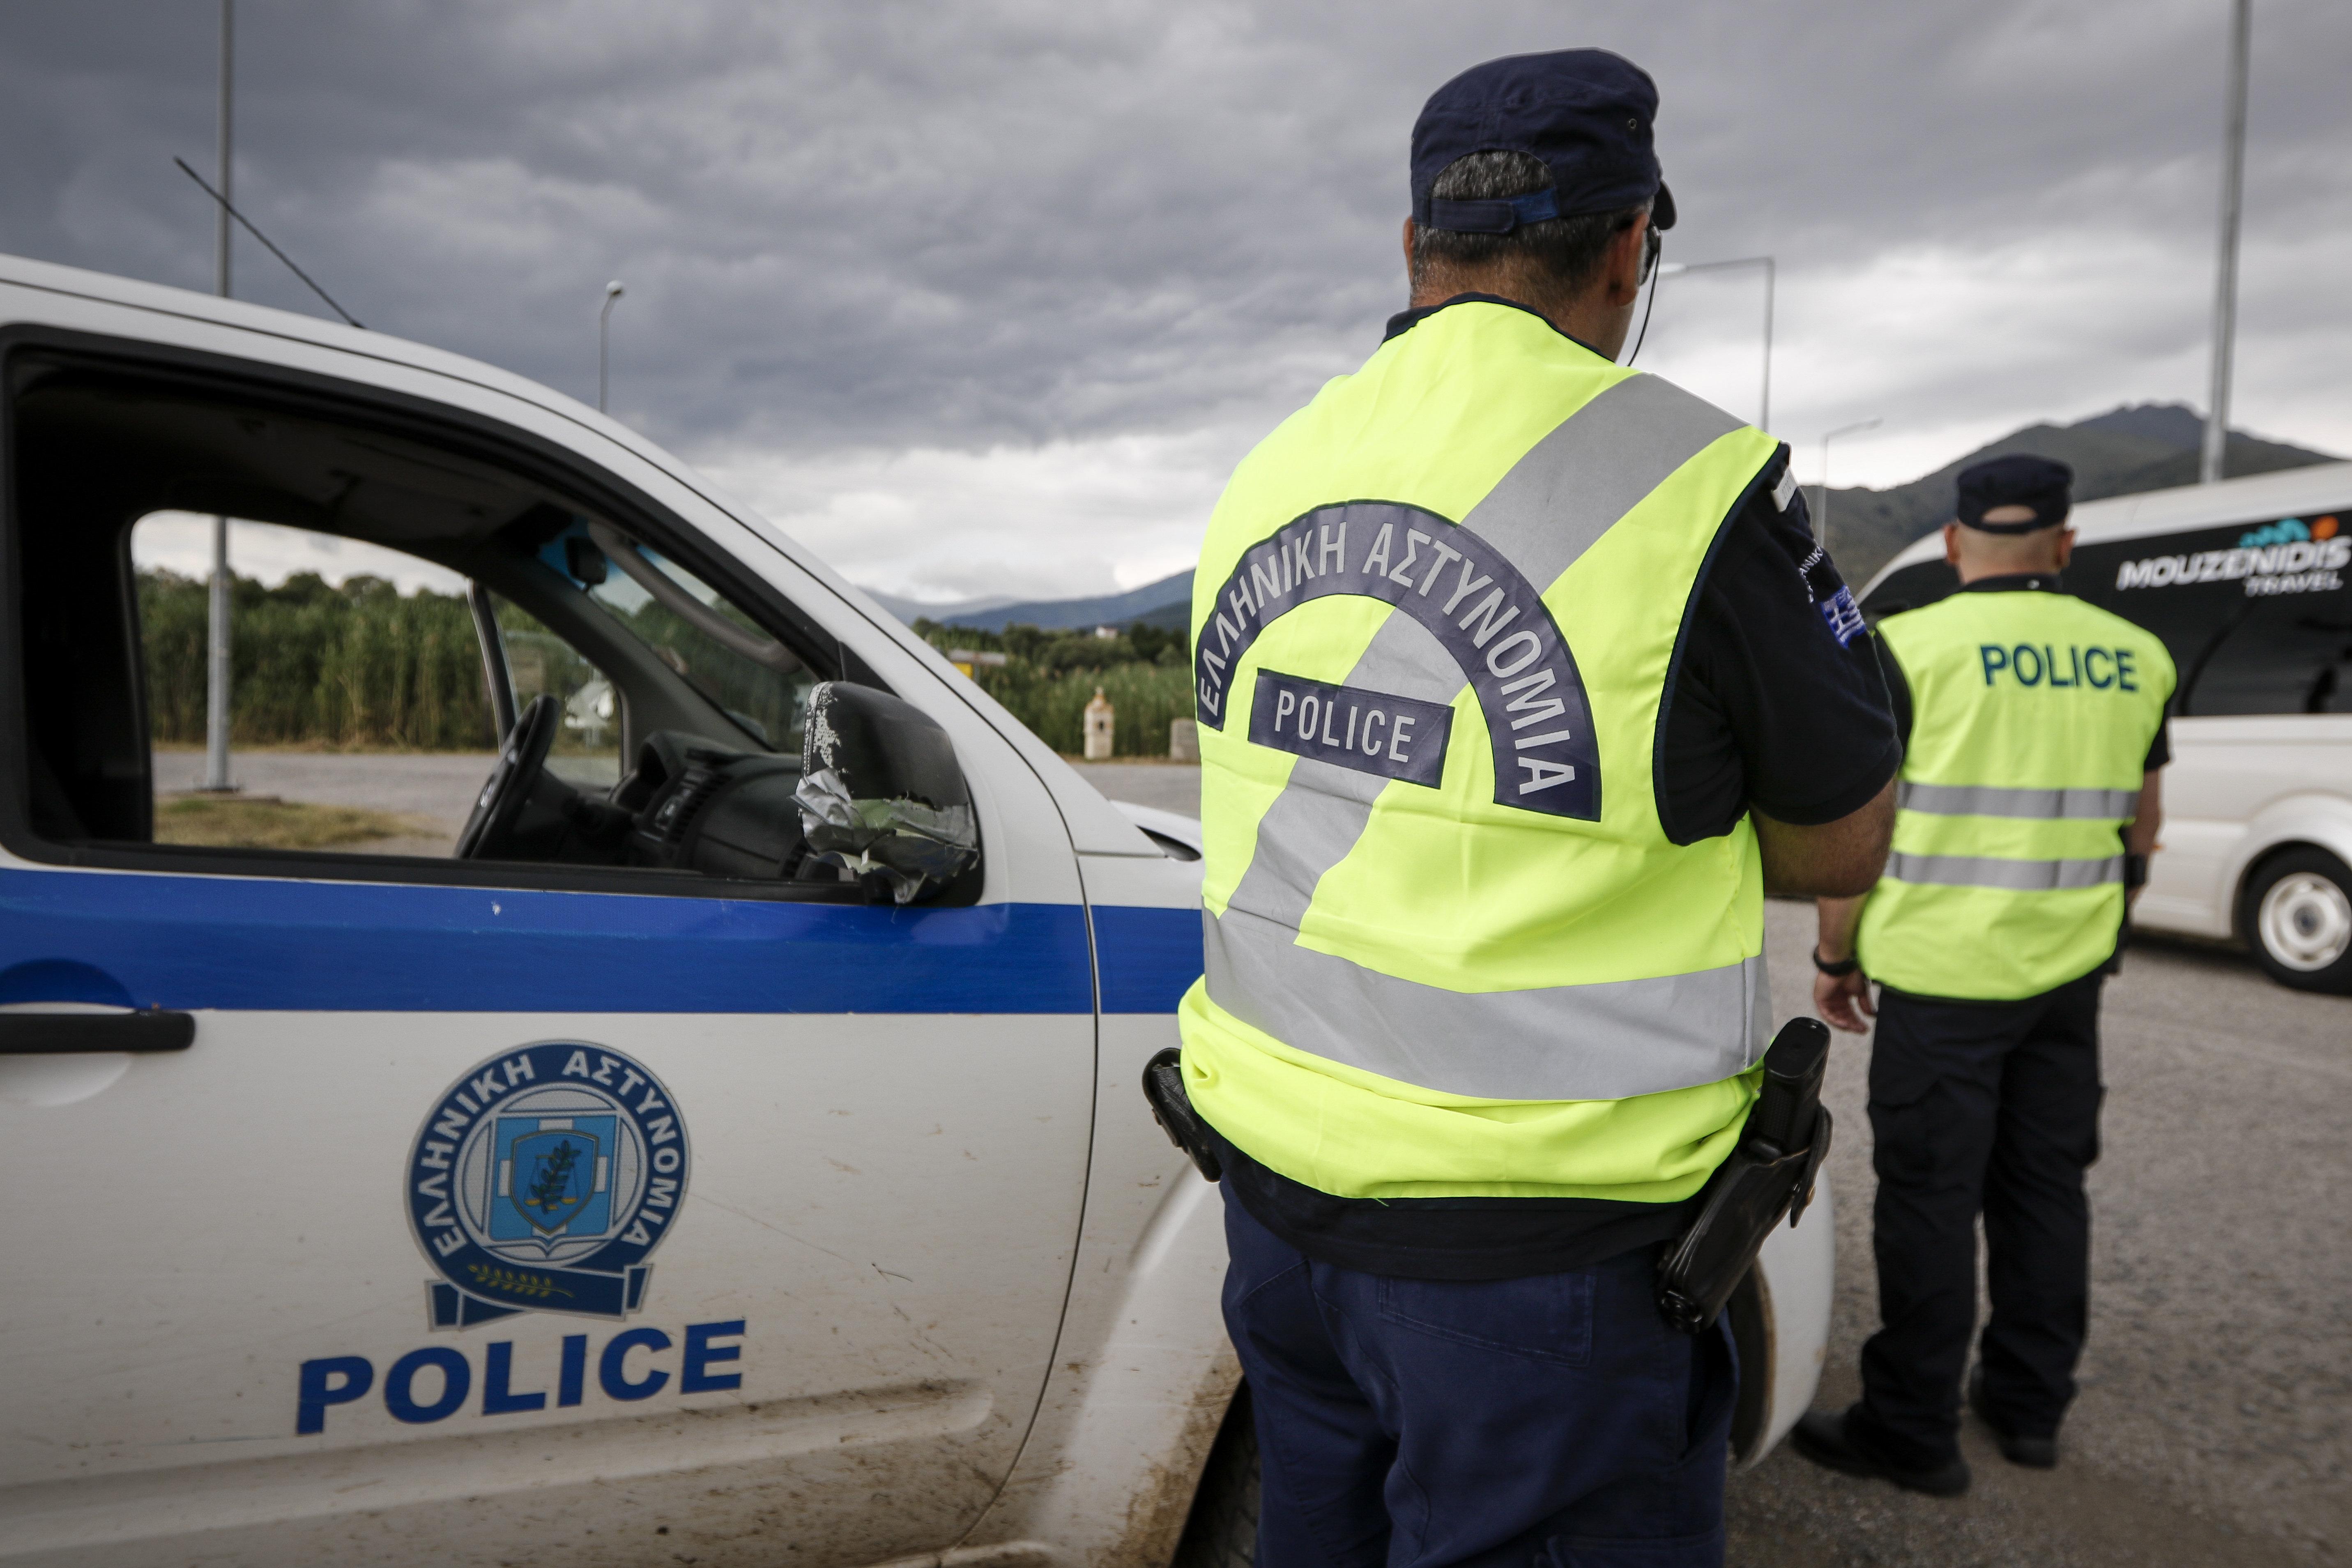 Σύλληψη 30χρονου για ασελγείς πράξεις σε βάρος 15χρονης στη